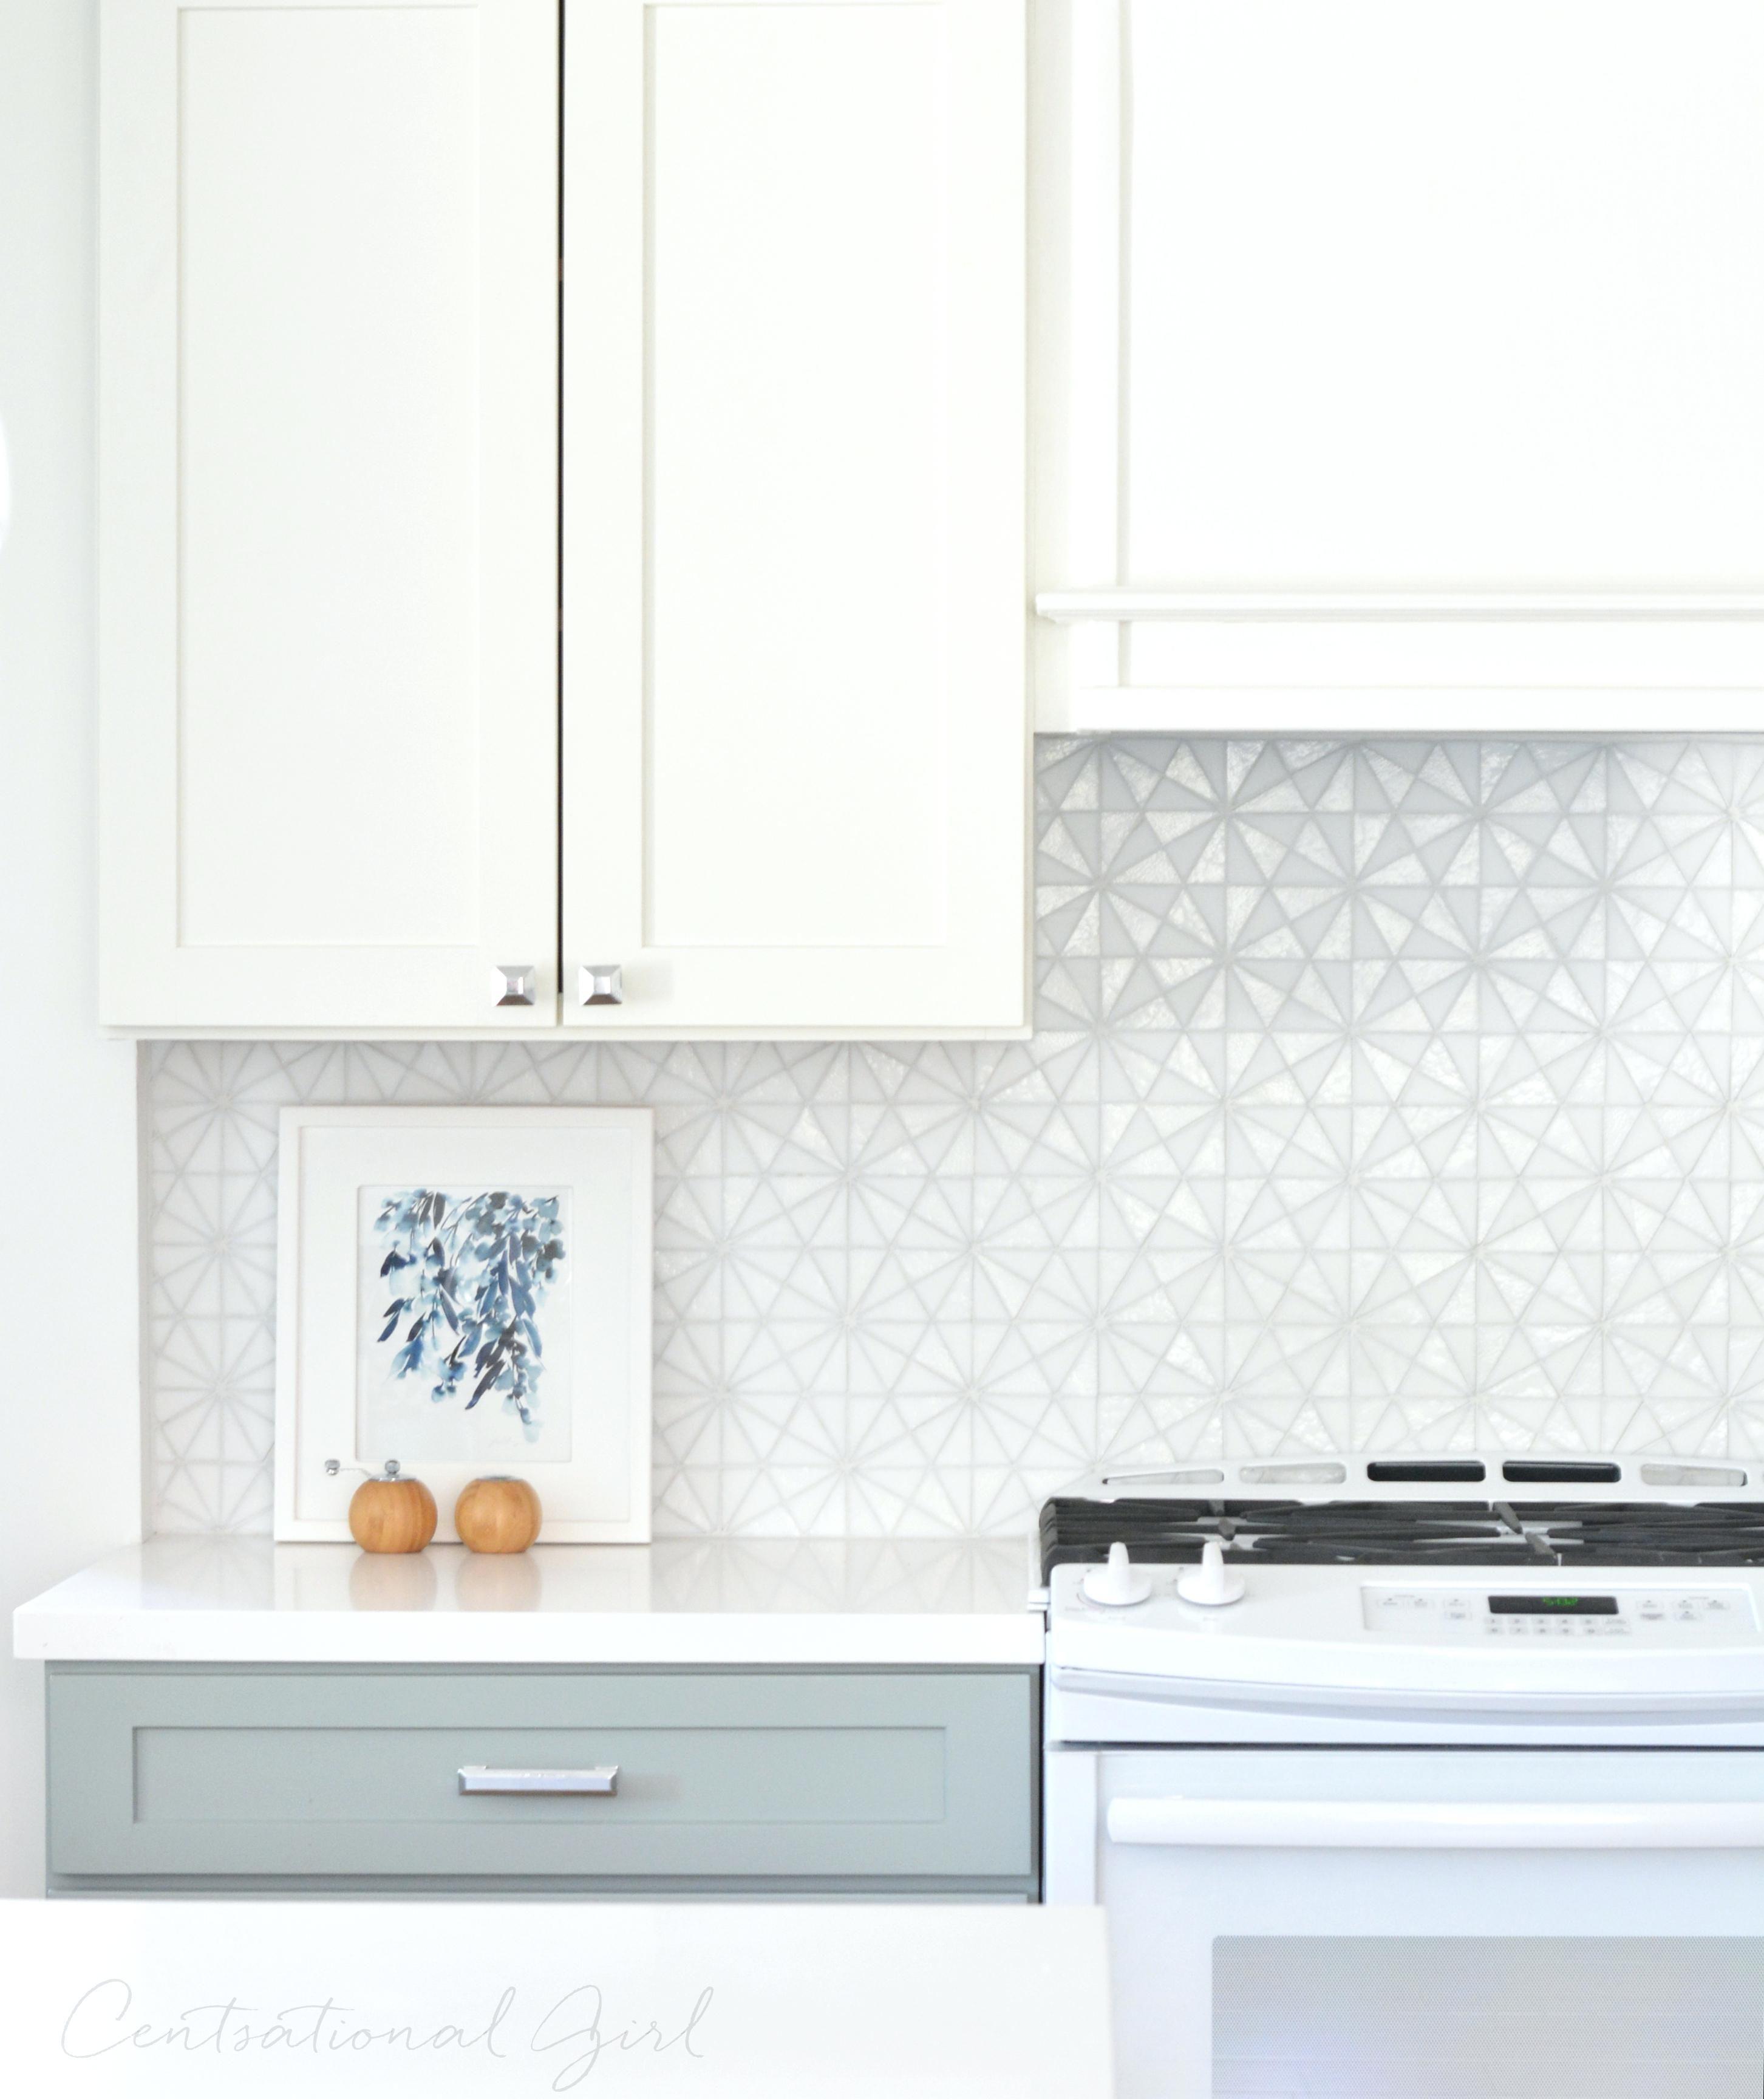 Beste Misty Sea Gl Backsplash Tile White Upper Kitchen Cabinets Gray Lower Tiles